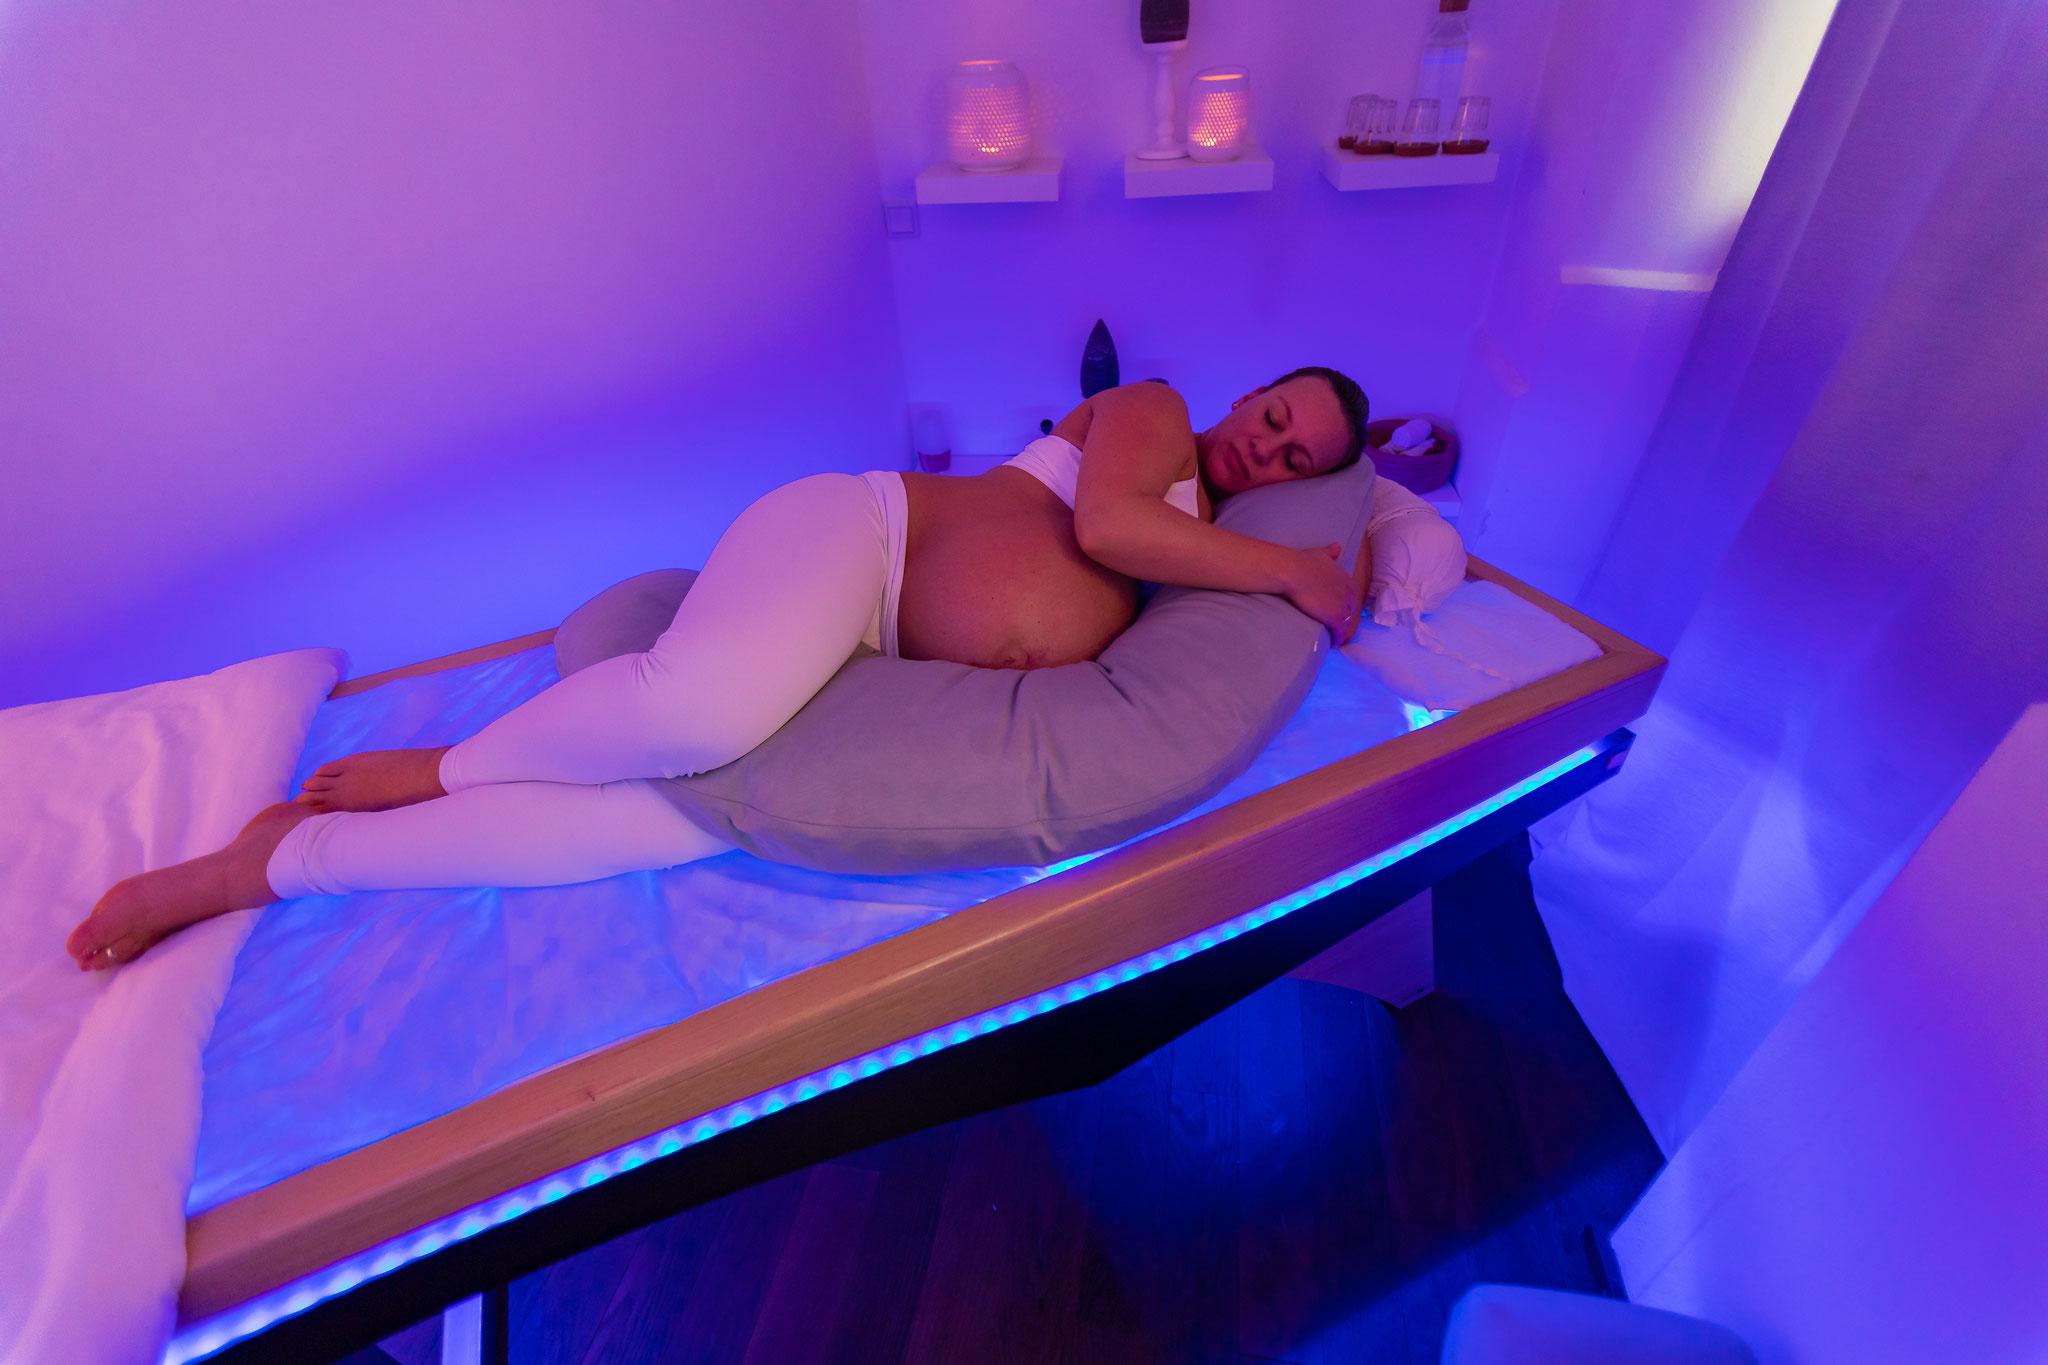 SSW Massagen immer gerne gebucht, alles Positionen sind möglich, sprechen Sie uns an.